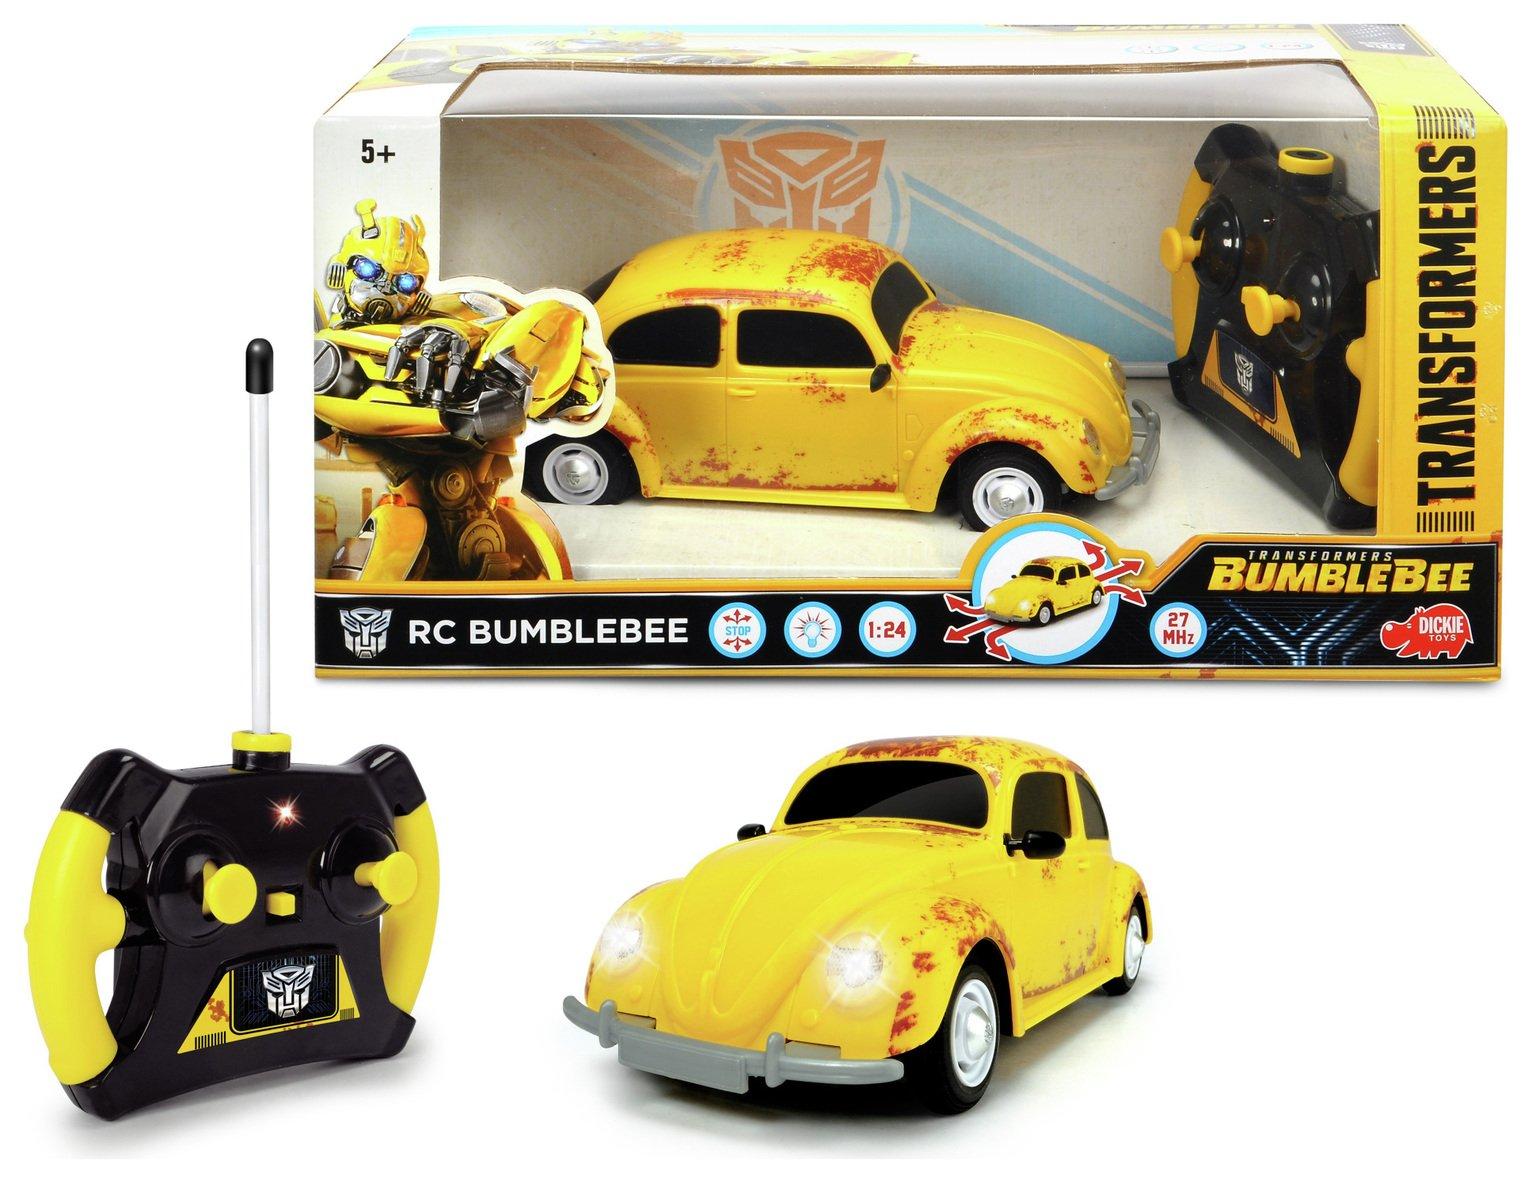 1:24 Bumblebee Beetle Radio Control Toy